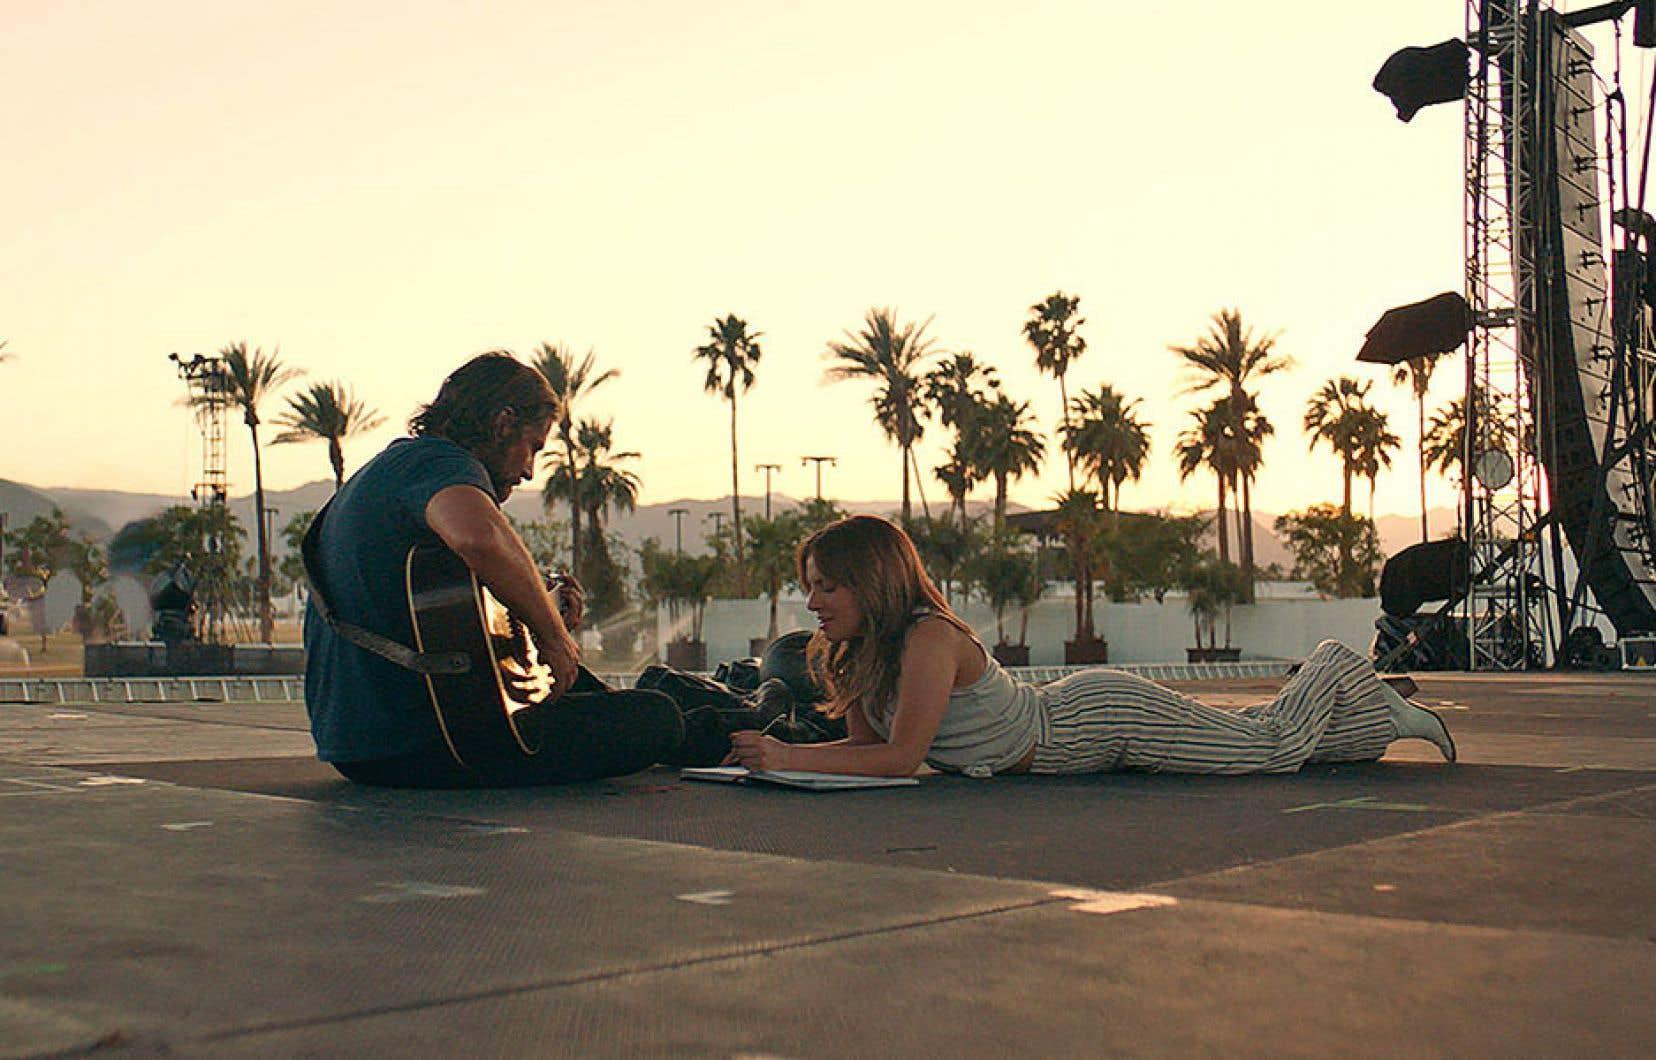 Le «remake» de «A Star Is Born», dont la sortie en salle est prévue au début d'octobre, sera présenté au TIFF. Lady Gaga y donne la réplique à Bradley Cooper, qui réalise aussi le film.